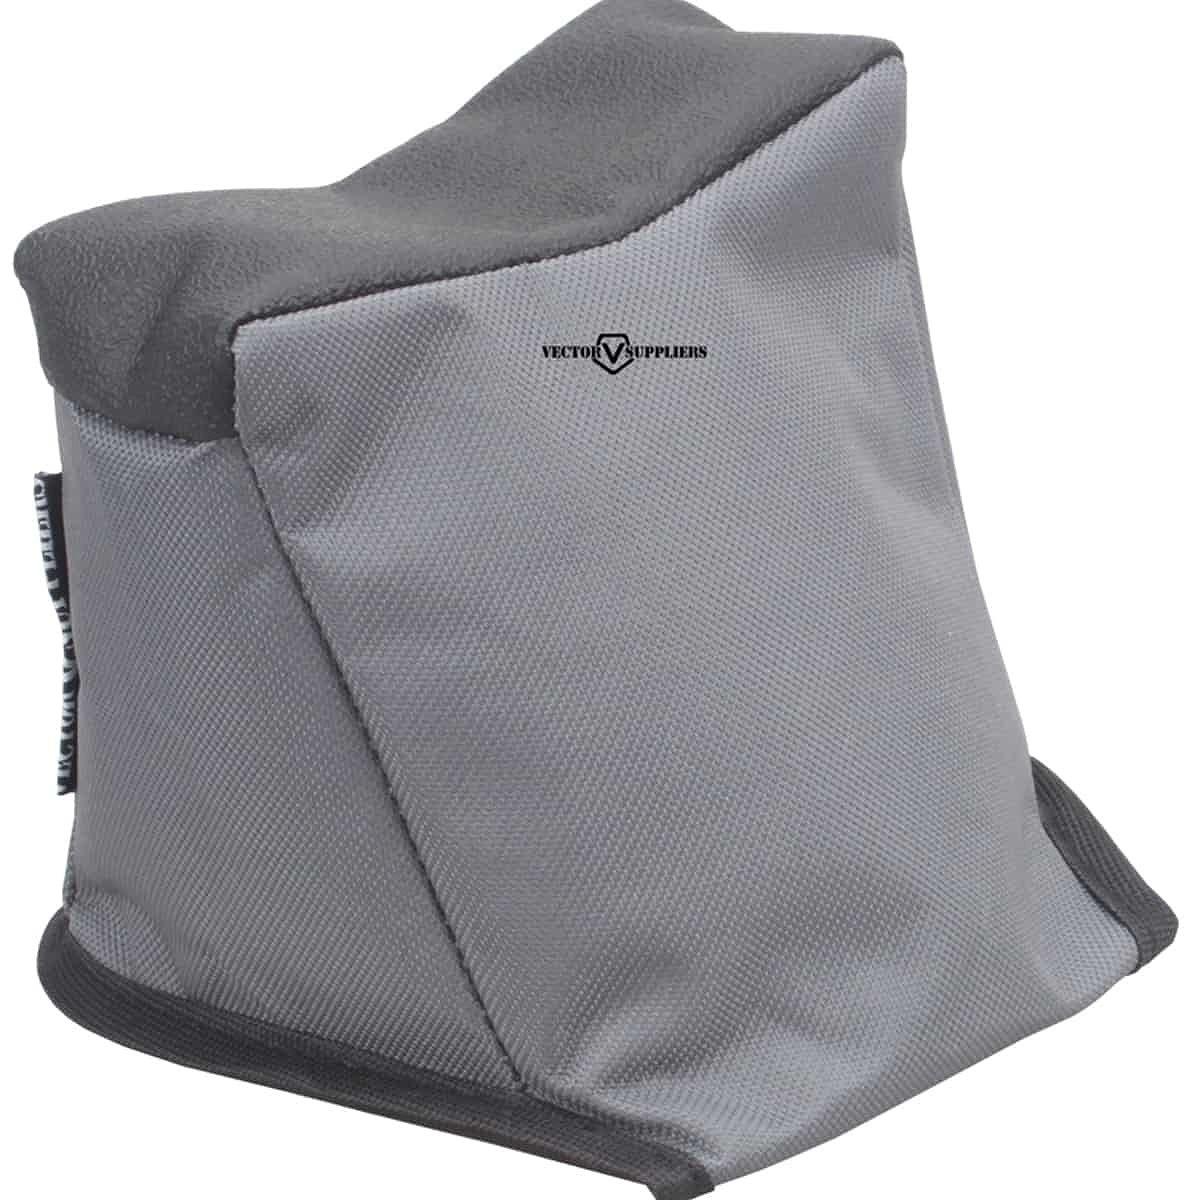 ベクターオプティクス  Triple Play Bench-Bag Set  Vector Optics SCBB-01